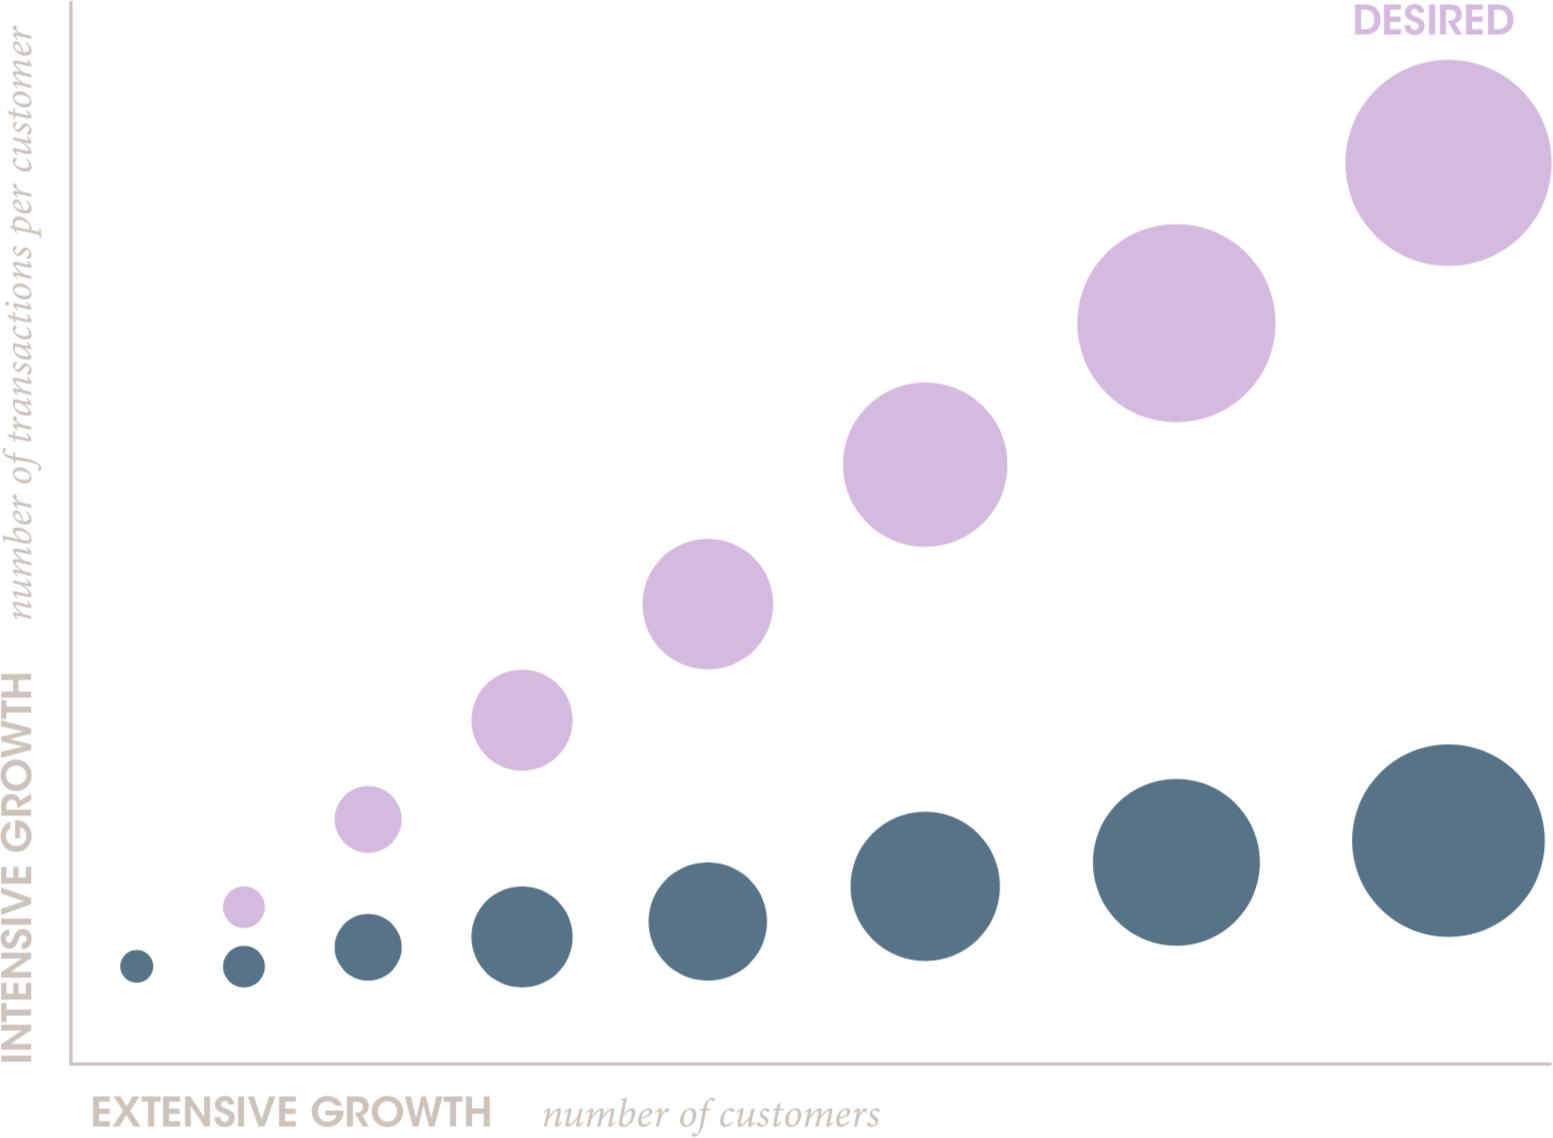 Extensive versus intensive growth of DFS